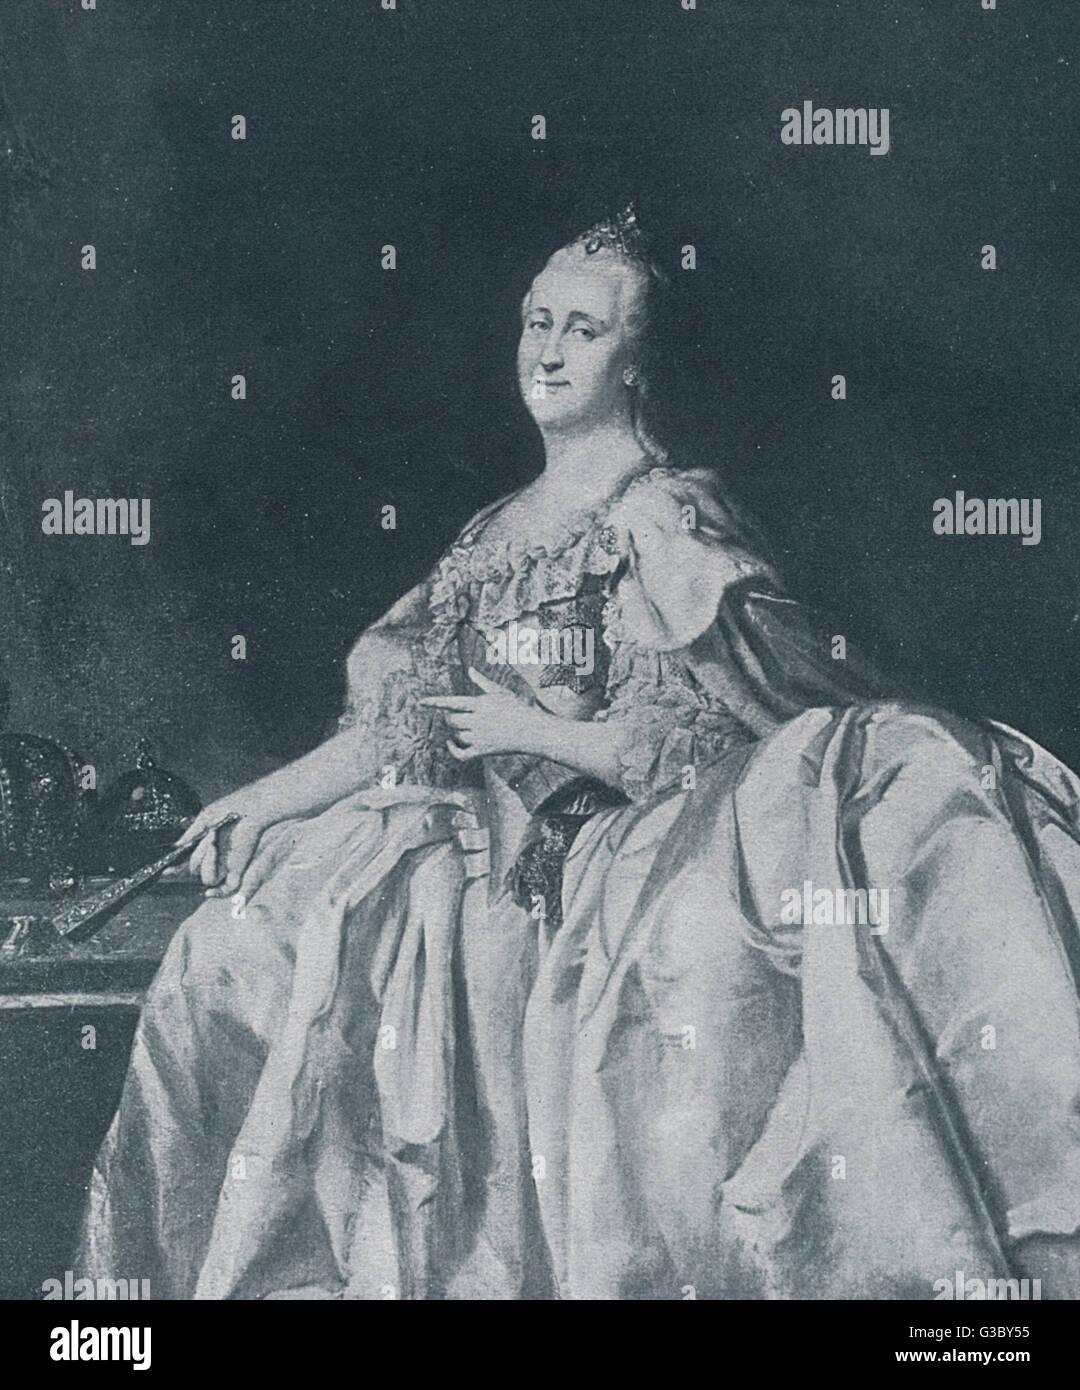 Yekaterina Alexeevna o Catherine II, noto anche come Caterina la Grande di Russia (1729-1796, regnò 1762-1796). Data: XVIII secolo Foto Stock